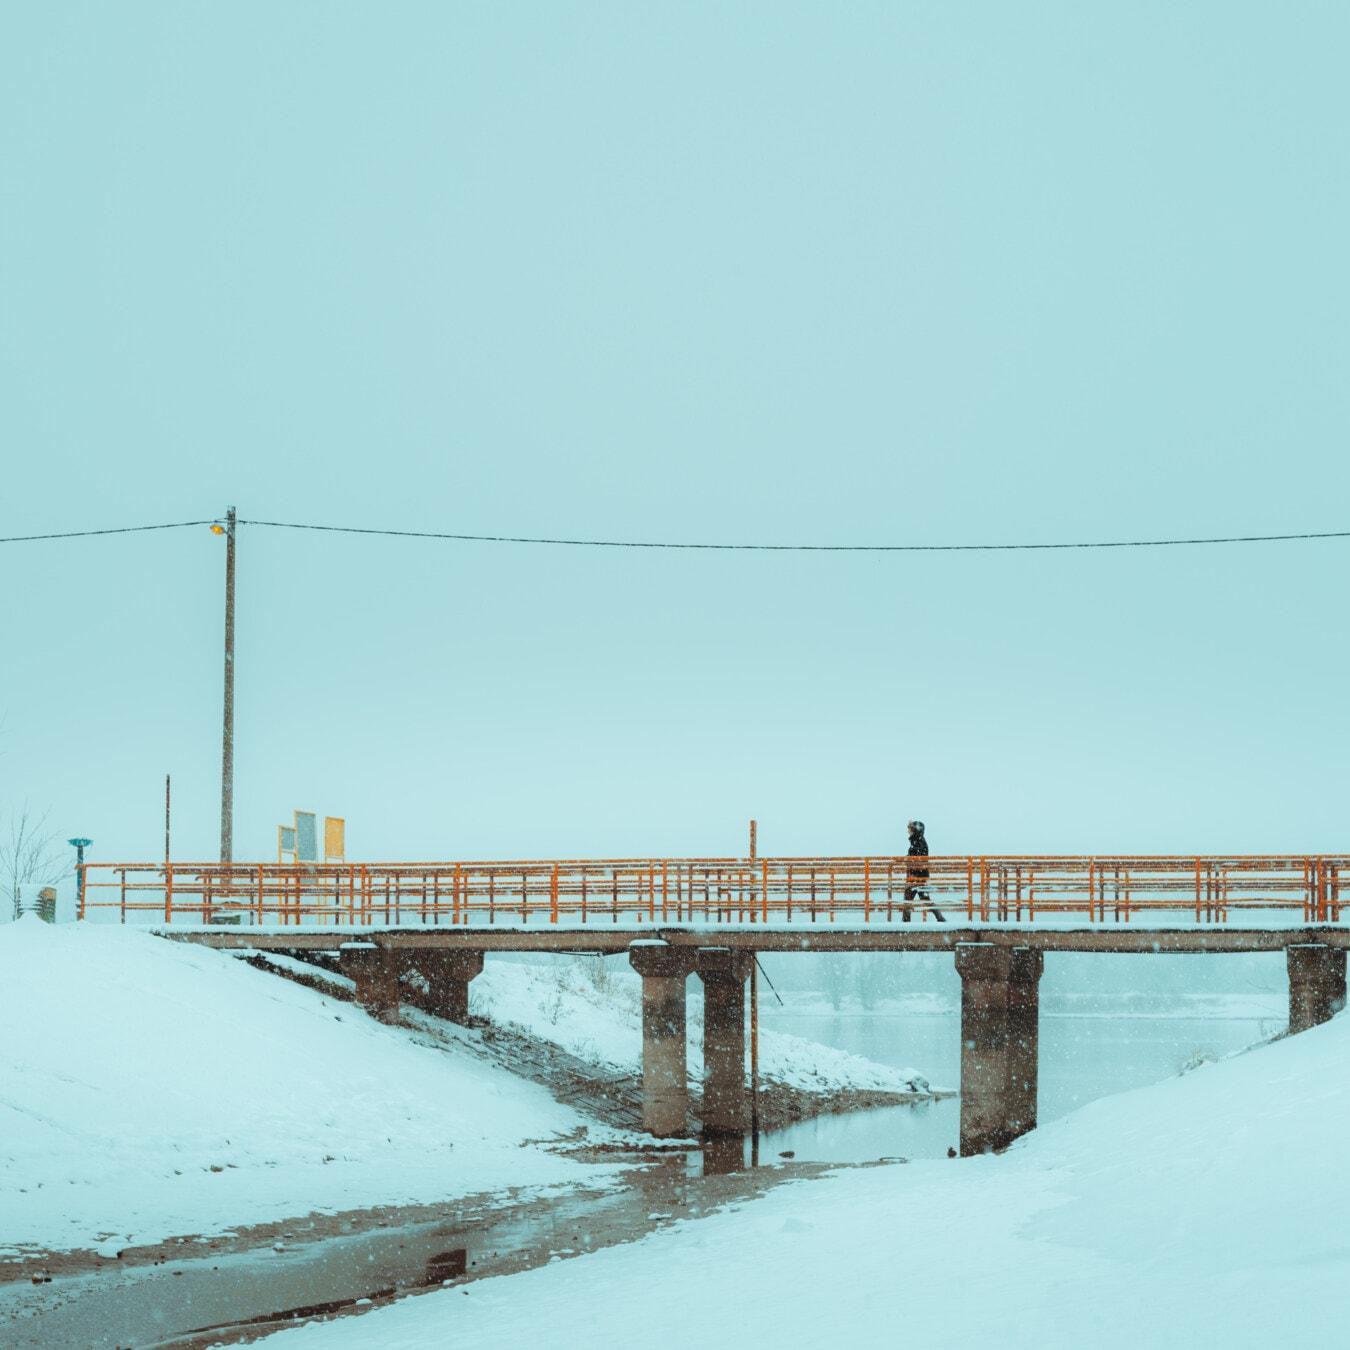 mauvais temps, météo, pont, Hiver, neigeux, canal, marche, personne, neige, mer